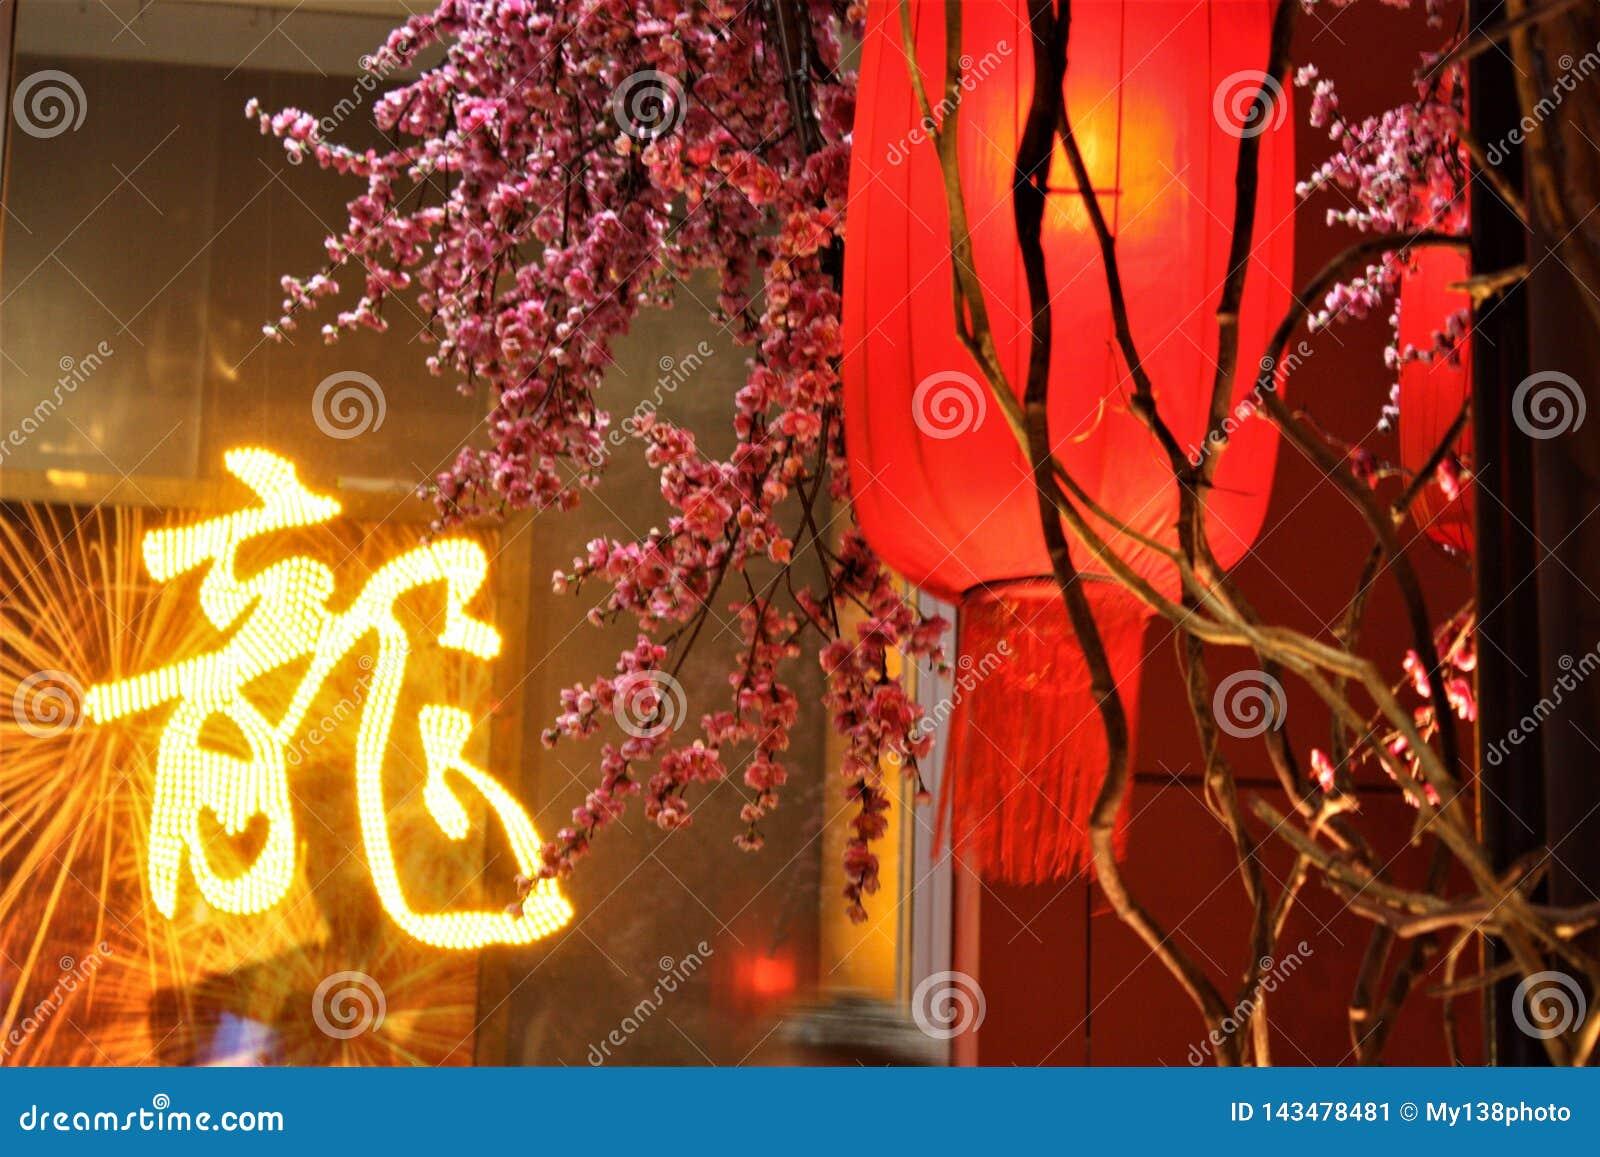 Κινεζικό νέο κόκκινο φανάρι έτους με το άνθος δαμάσκηνων στη λεωφόρο αγορών